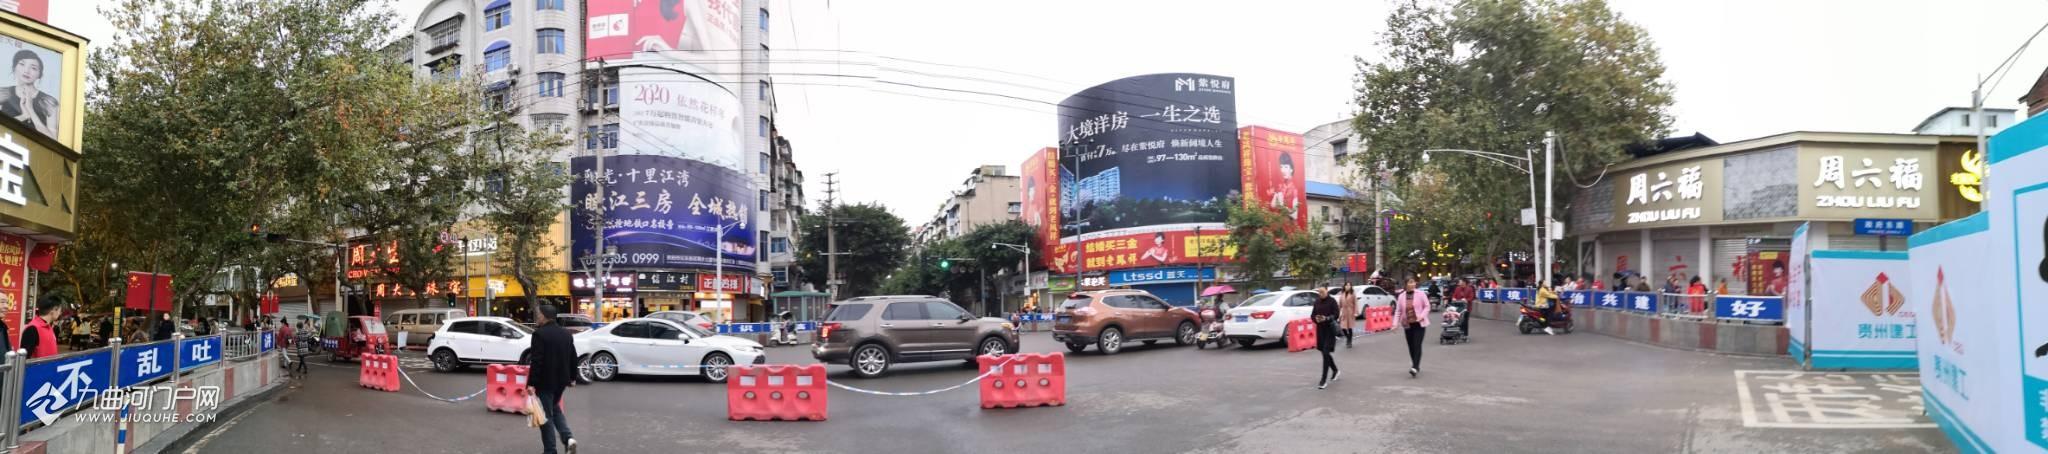 资阳政府东路改造得怎么样了?想念那些四通八达的日子,堵车人希望能尽早完工!